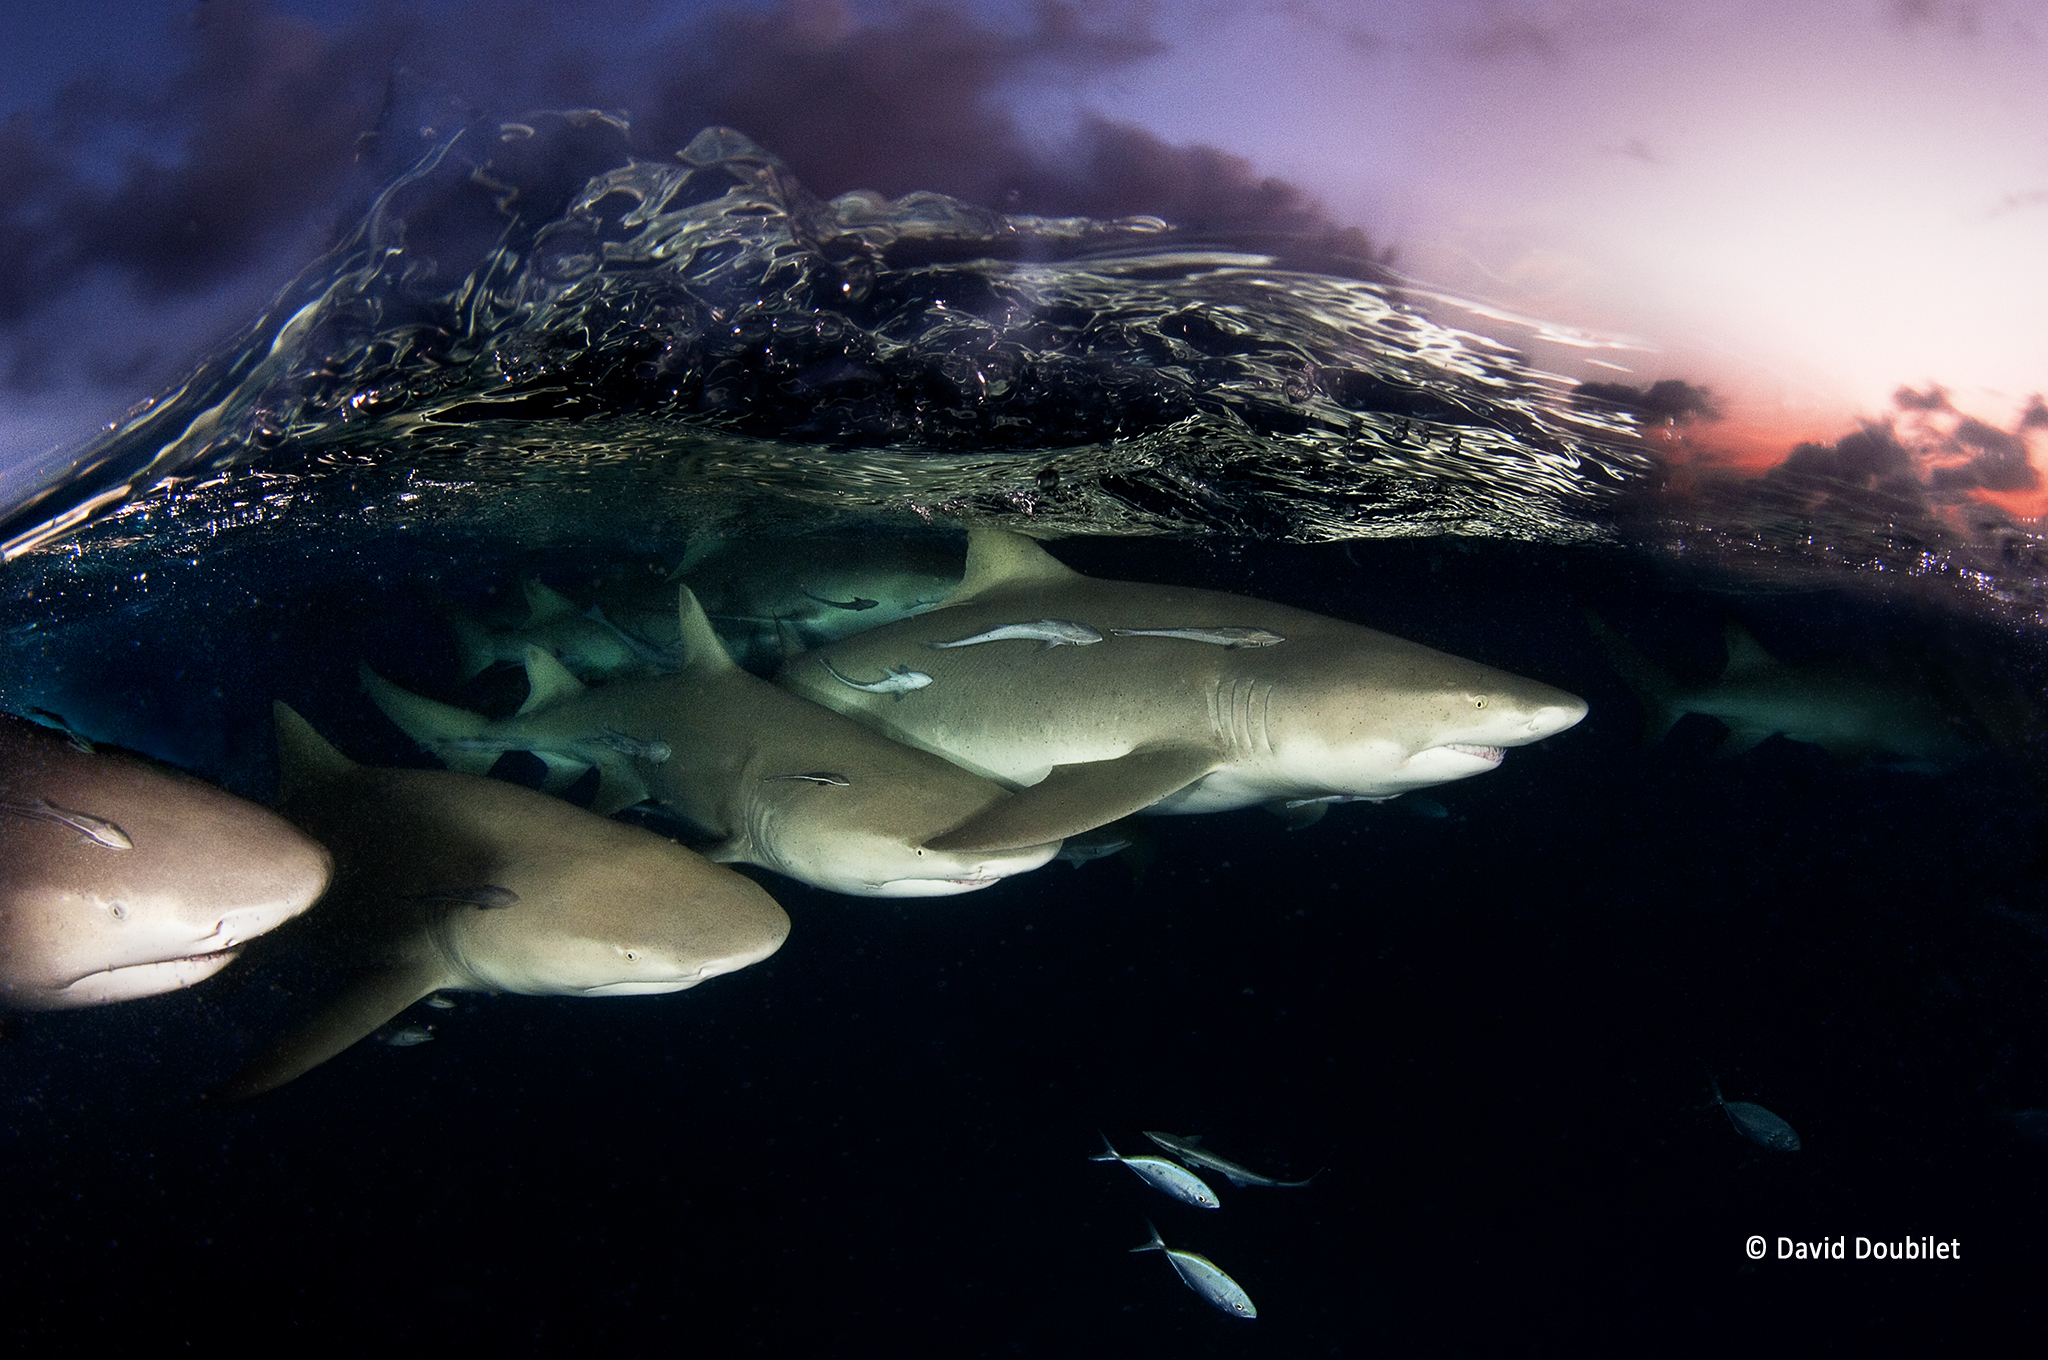 Requins au crépuscule. Une vague de cristal se brise sur un escadron de requins-citrons qui parcourent la mer au crépuscule près des rives des Bahamas. Connues pour l'écotourisme auprès des requins, les Bahamas sont devenues un sanctuaire dédié à ces espèces en 2011.